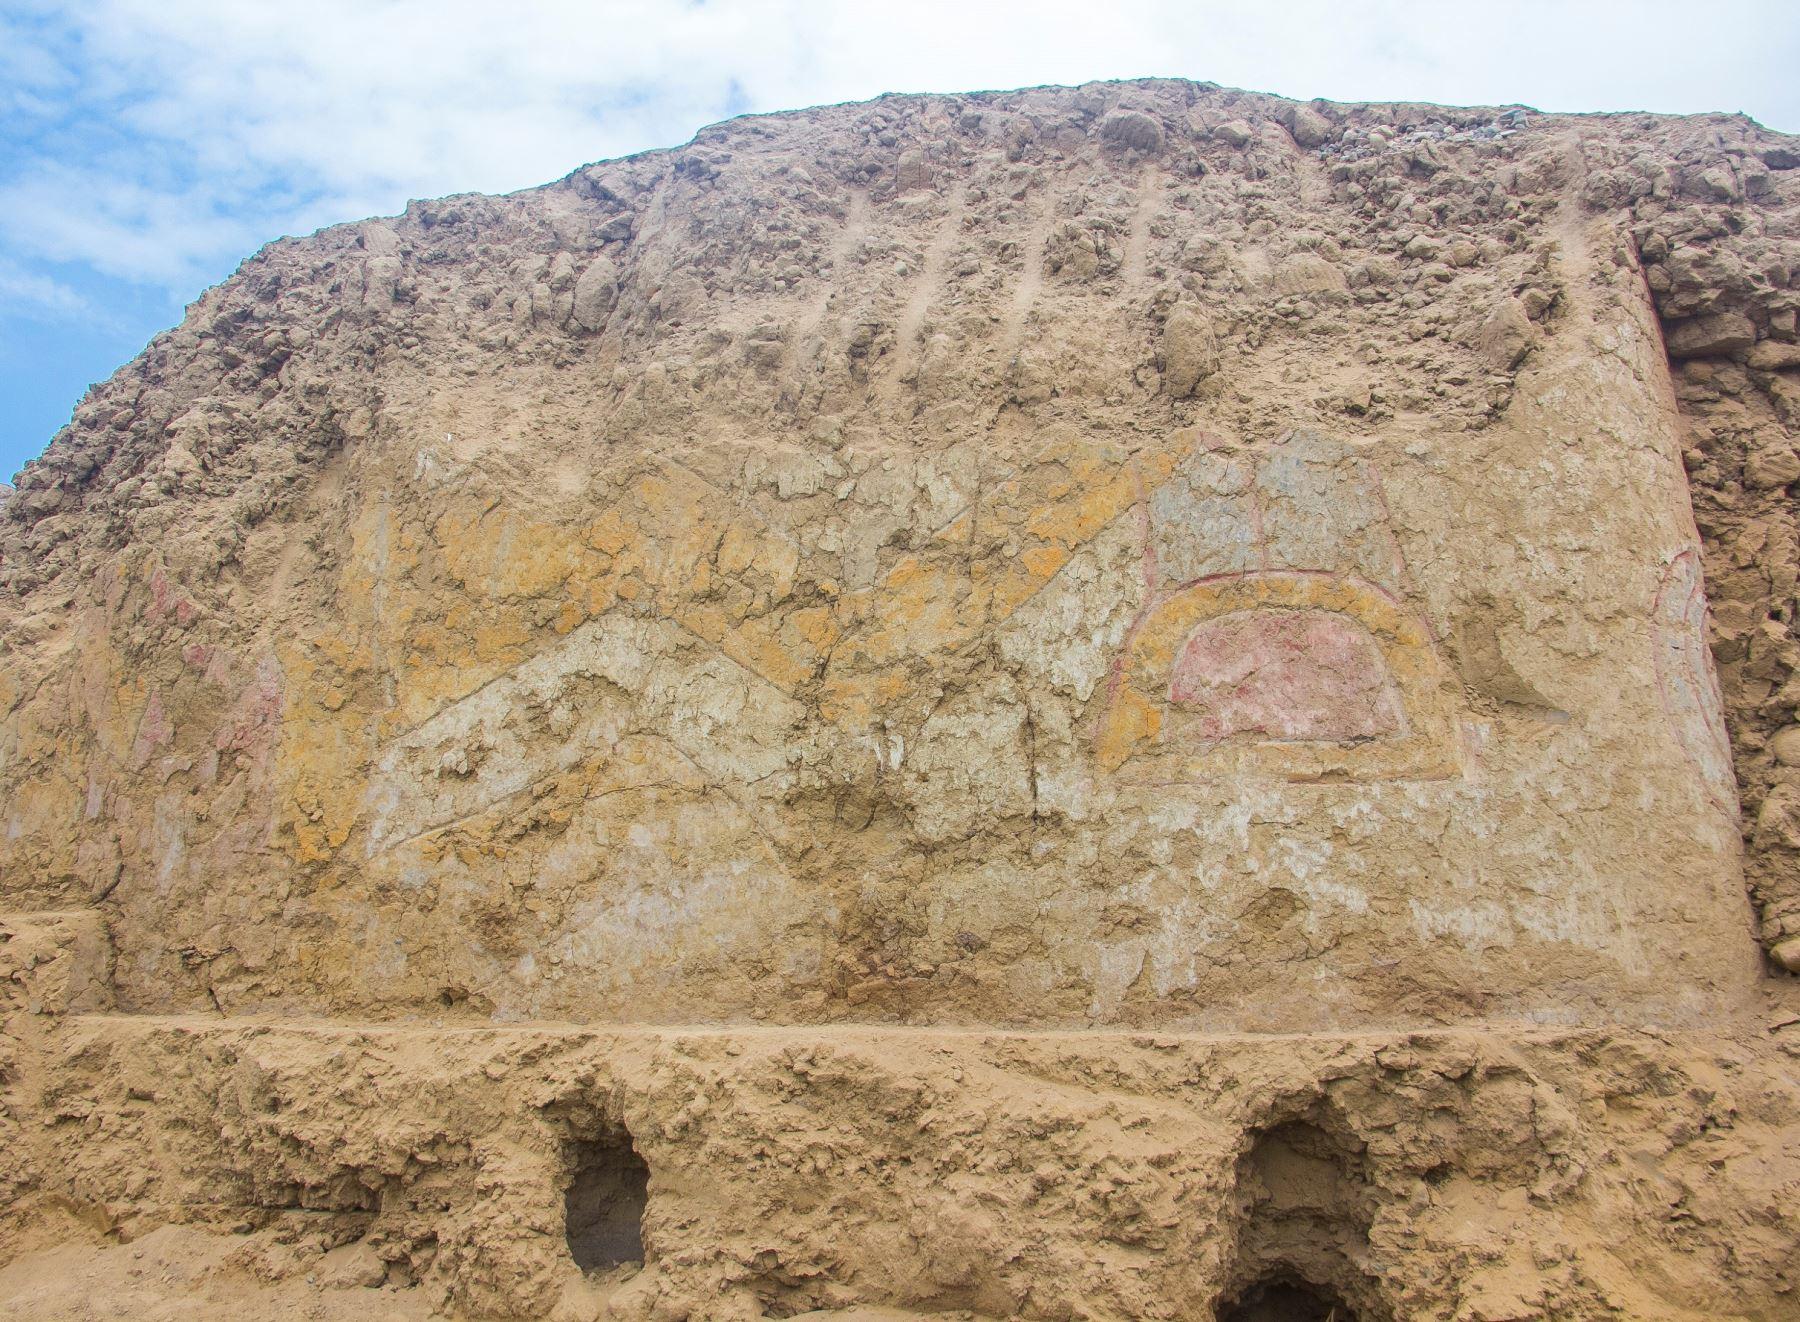 Investigadores realizaron un importante hallazgo arqueológico en La Libertad, al descubrir un pintura mural de más de 3,200 años en el valle de Virú. Fotos: Luis Puell